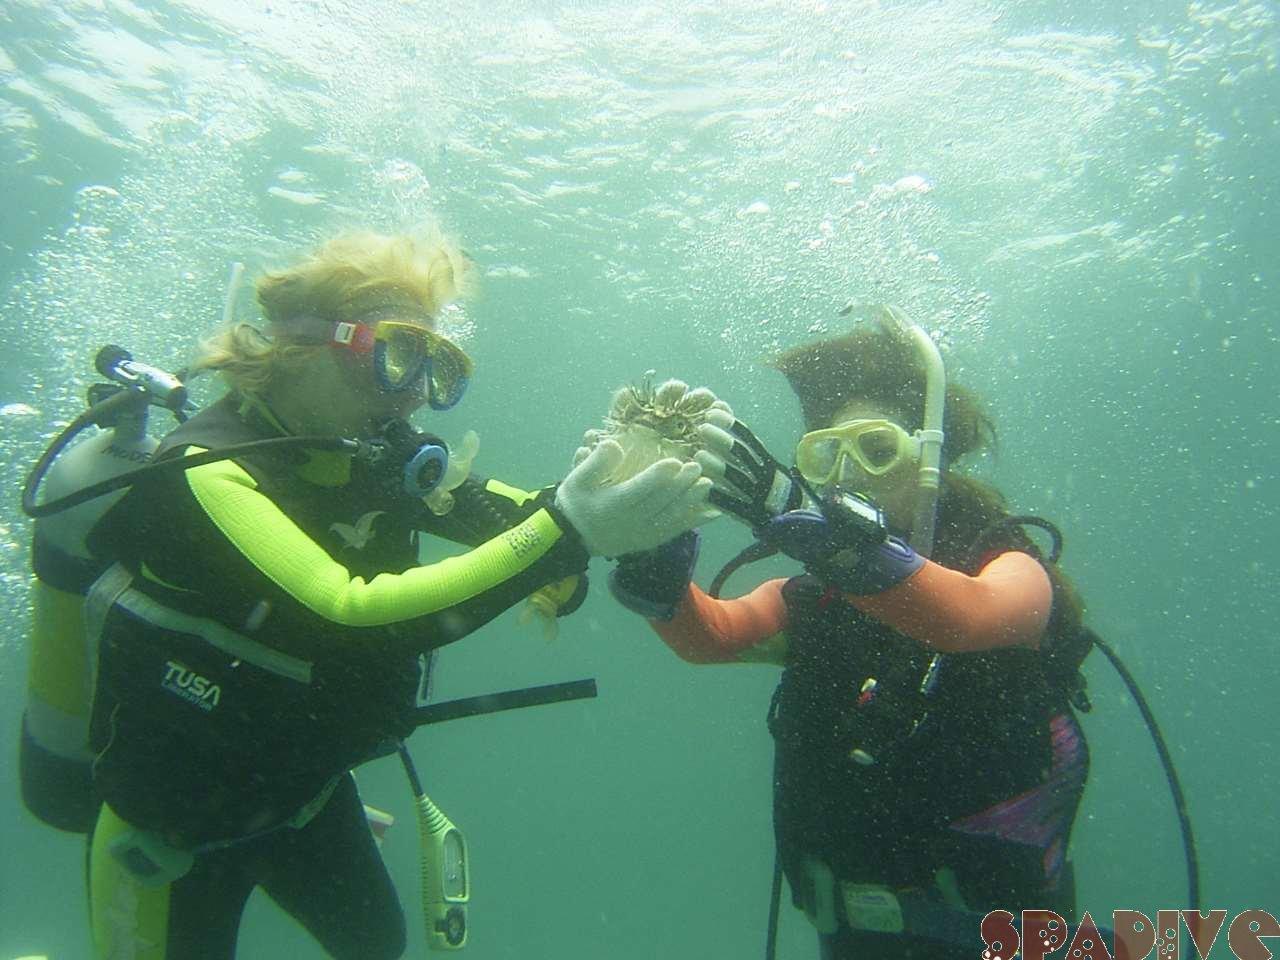 2005年05月撮影海フォトギャラリー 南紀白浜スパダイブ